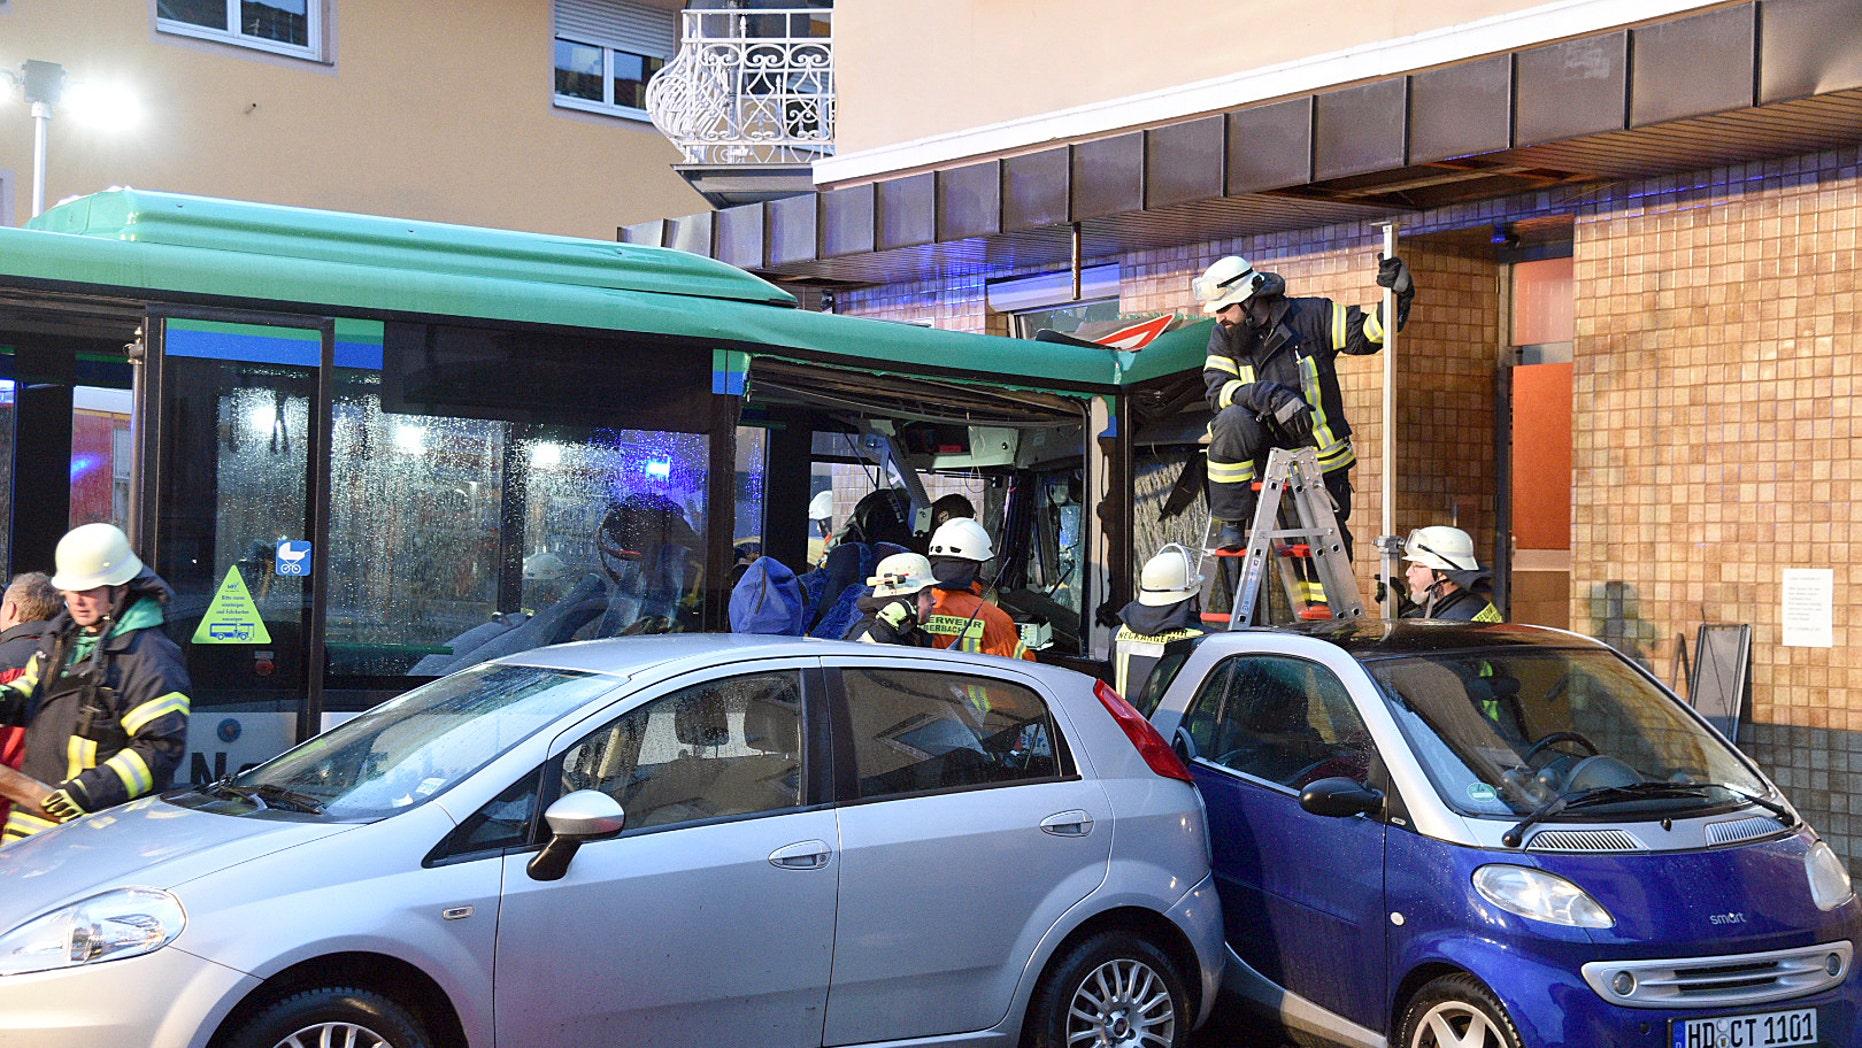 21 children injured in German school bus accident | Fox News